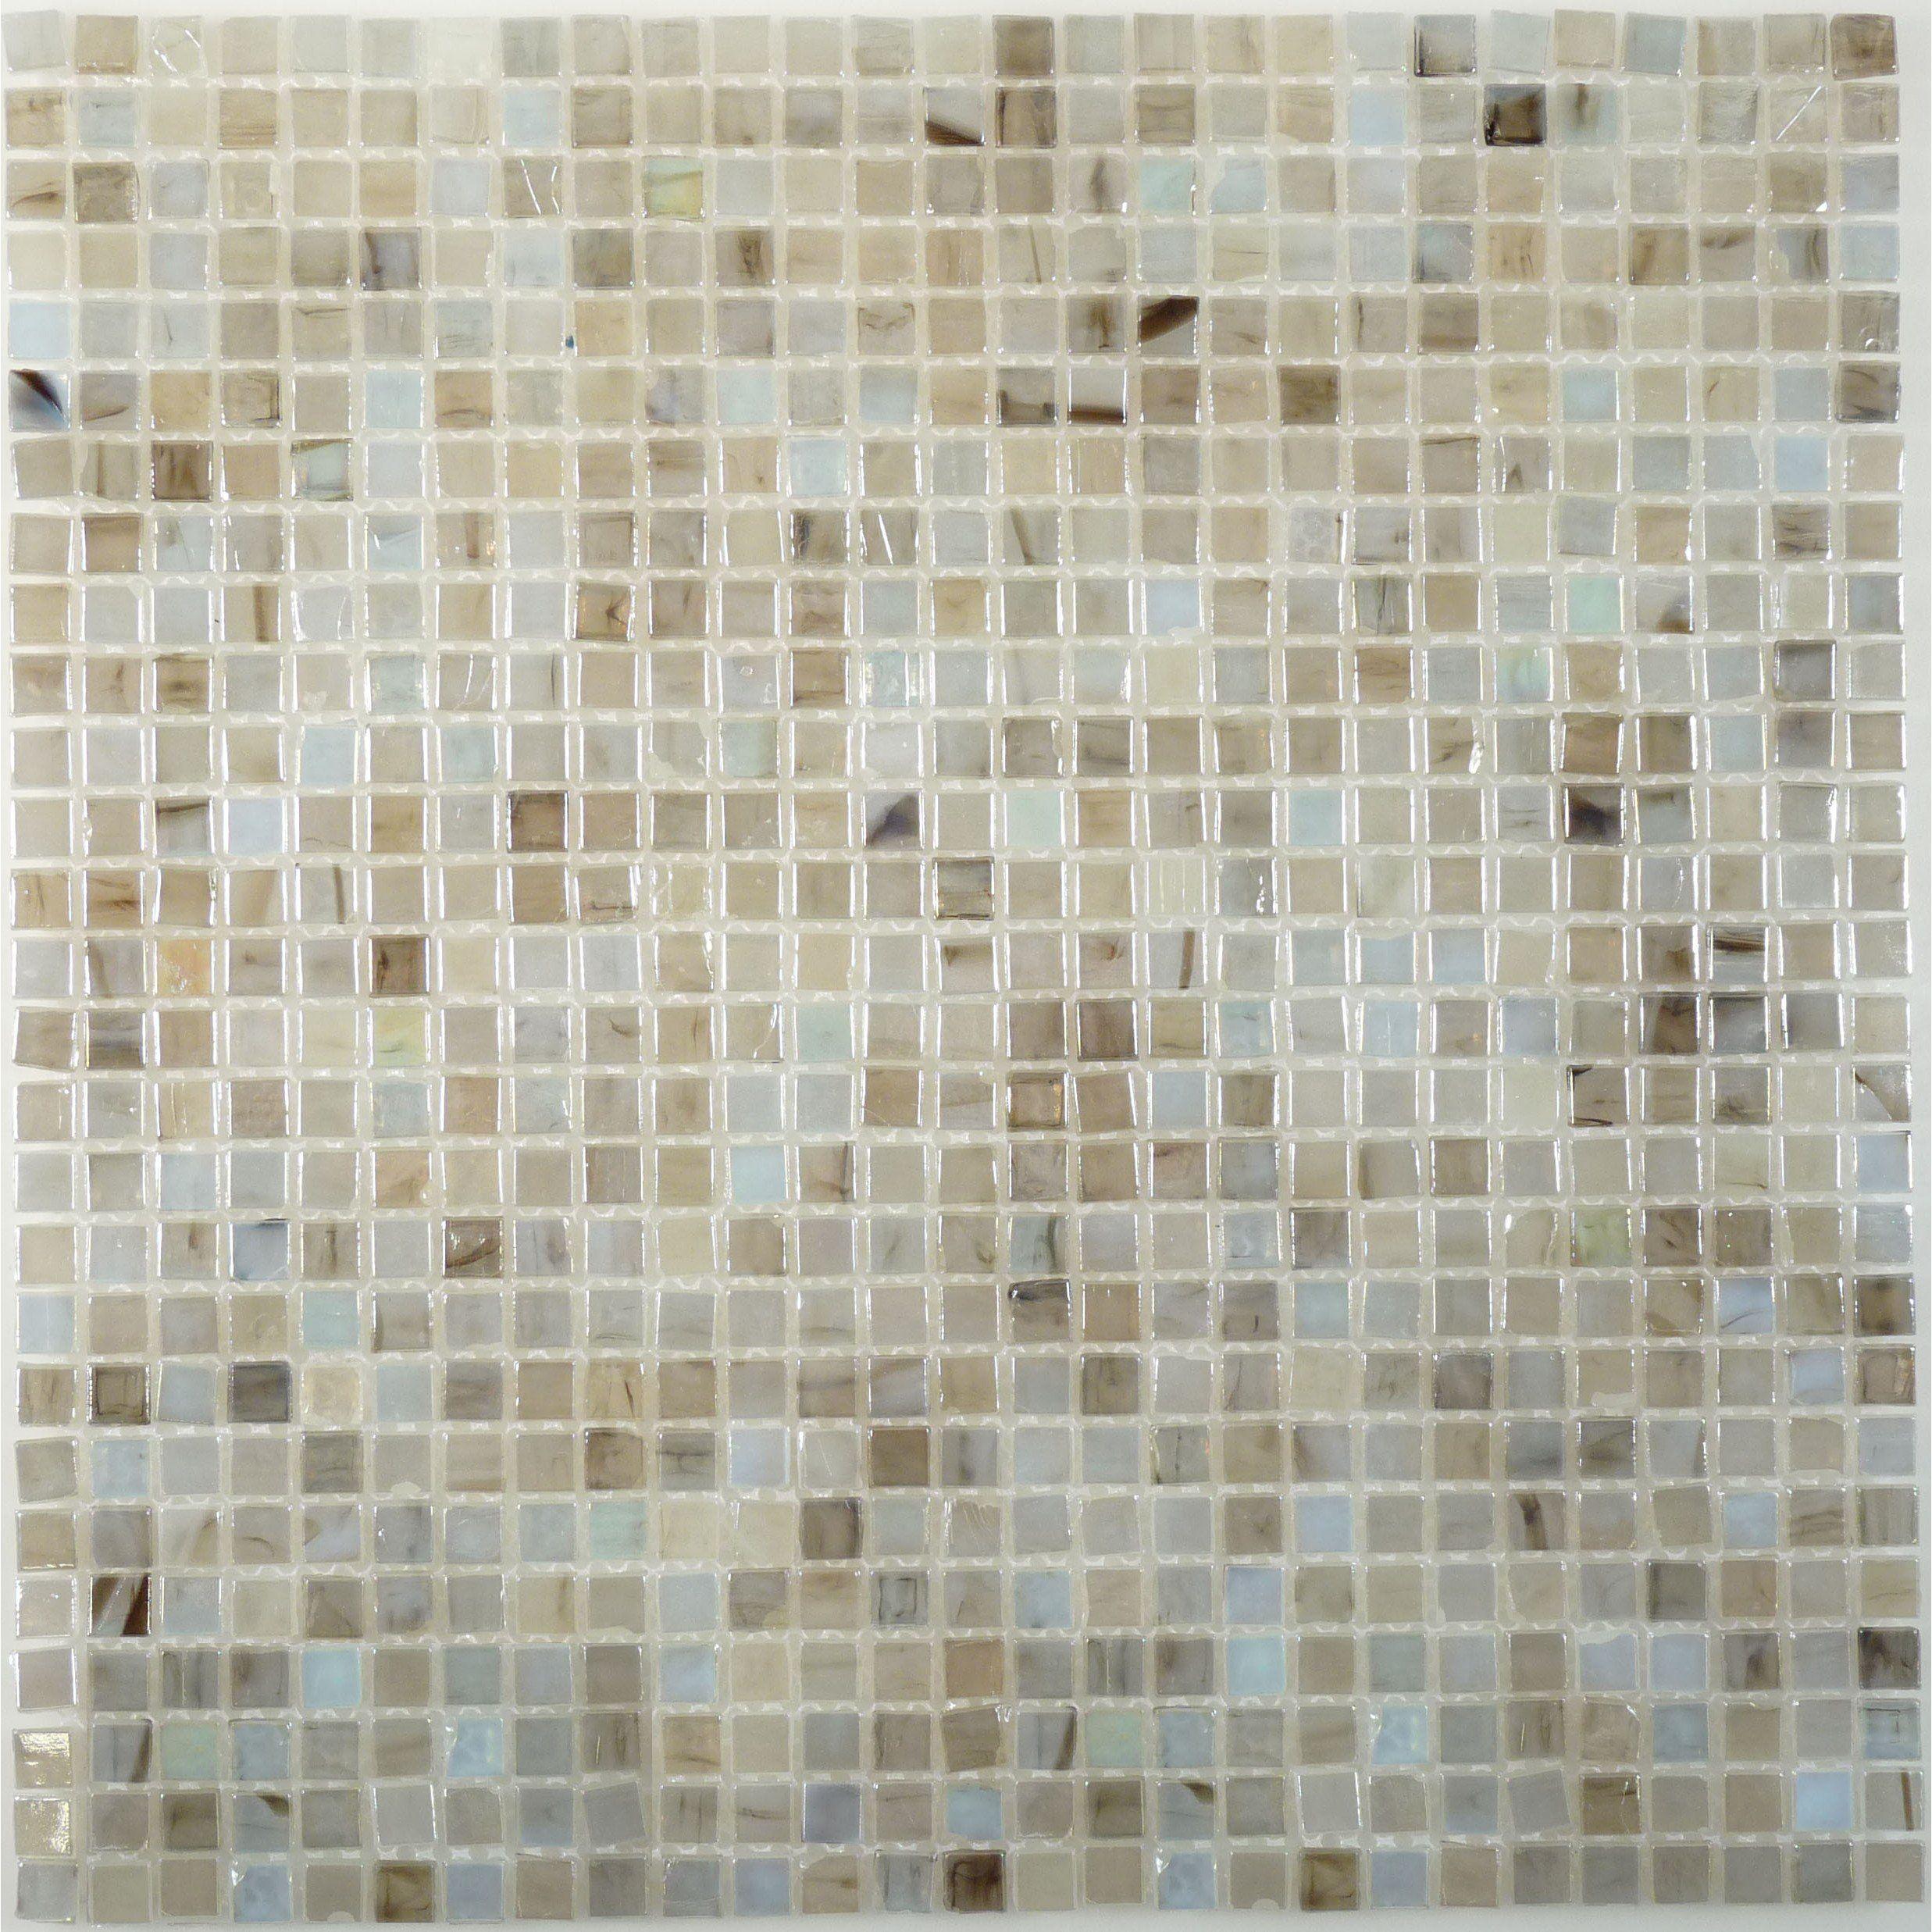 Sheet Size 11 7 X2f 8 Quot X 12 Quot Tile Size 3 X2f 8 Quot X 3 X2f 8 Quot Tiles Per S Iridescent Glass Tiles Iridescent Tile Iridescent Glass